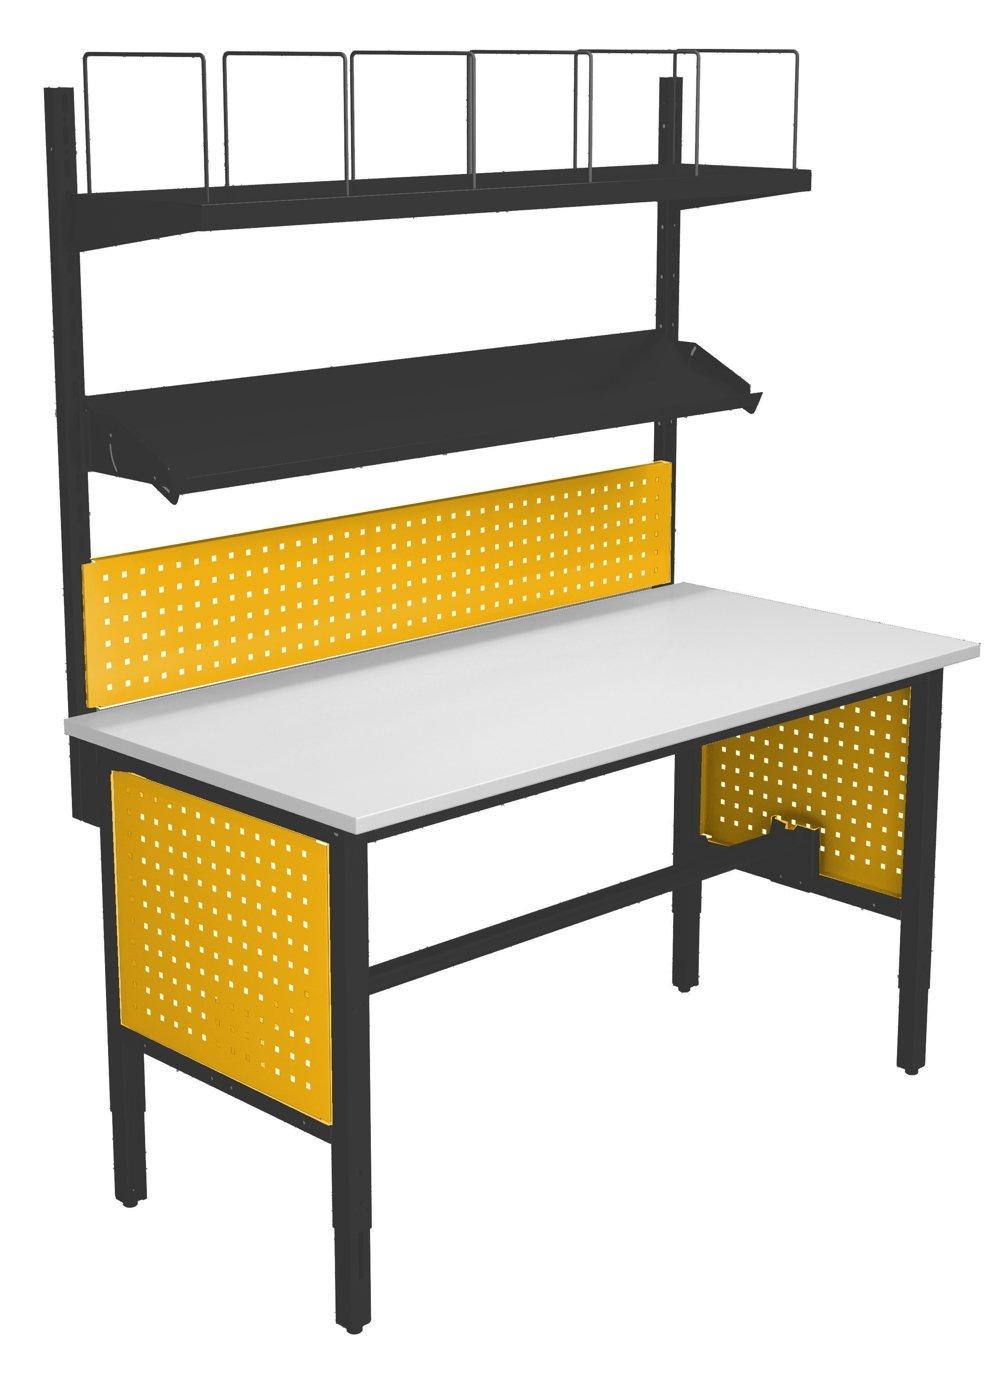 Stół do pakowania z nadbudową i tablicami perforowanymi pod blatem 7024/1023